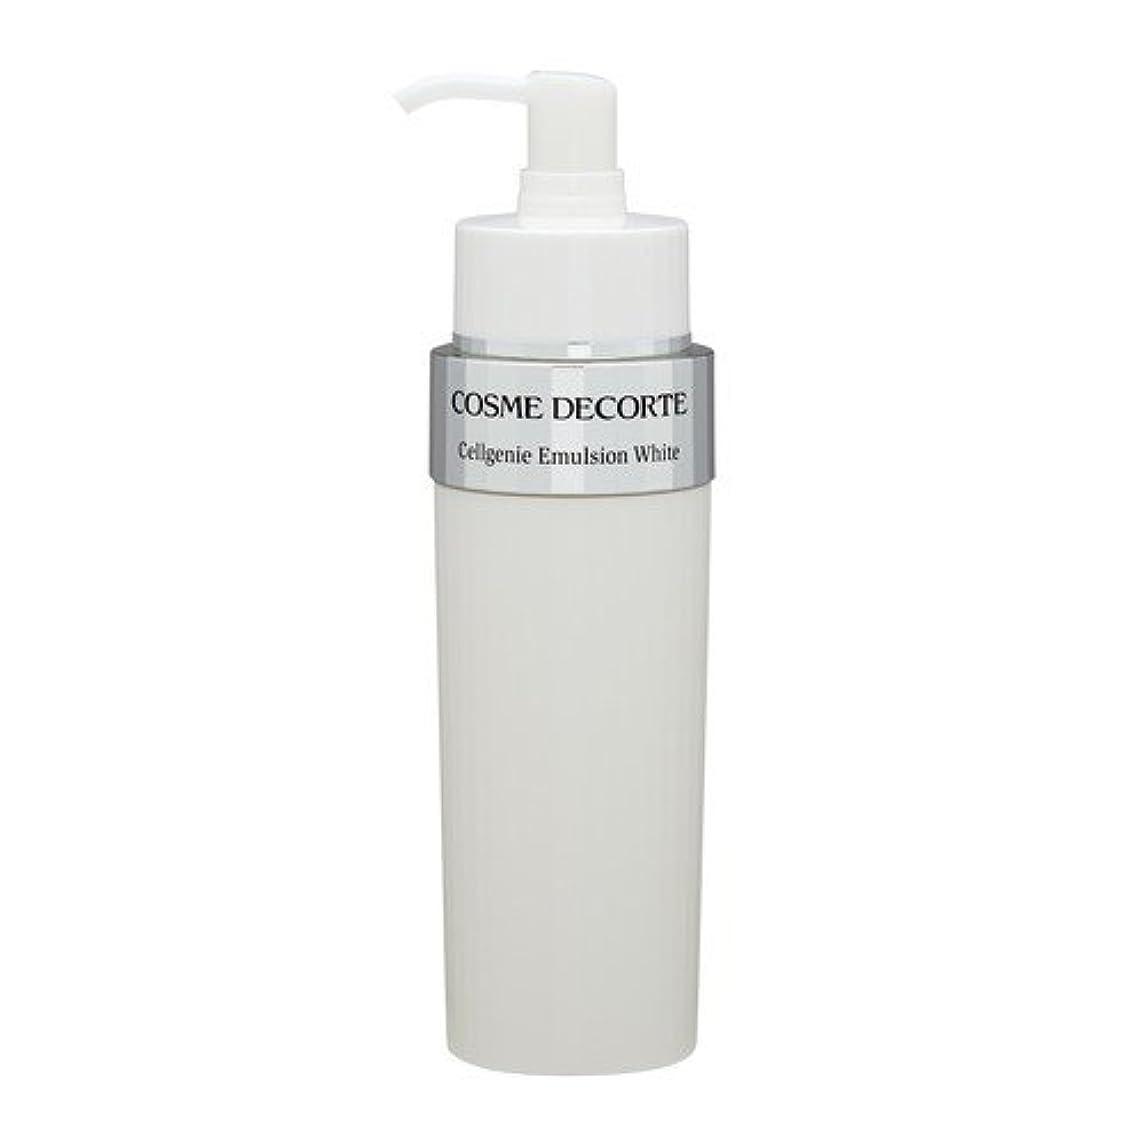 数字実用的サラミCOSME DECORTE コーセー/KOSE セルジェニーエマルジョンホワイト 200ml [362893] [並行輸入品]